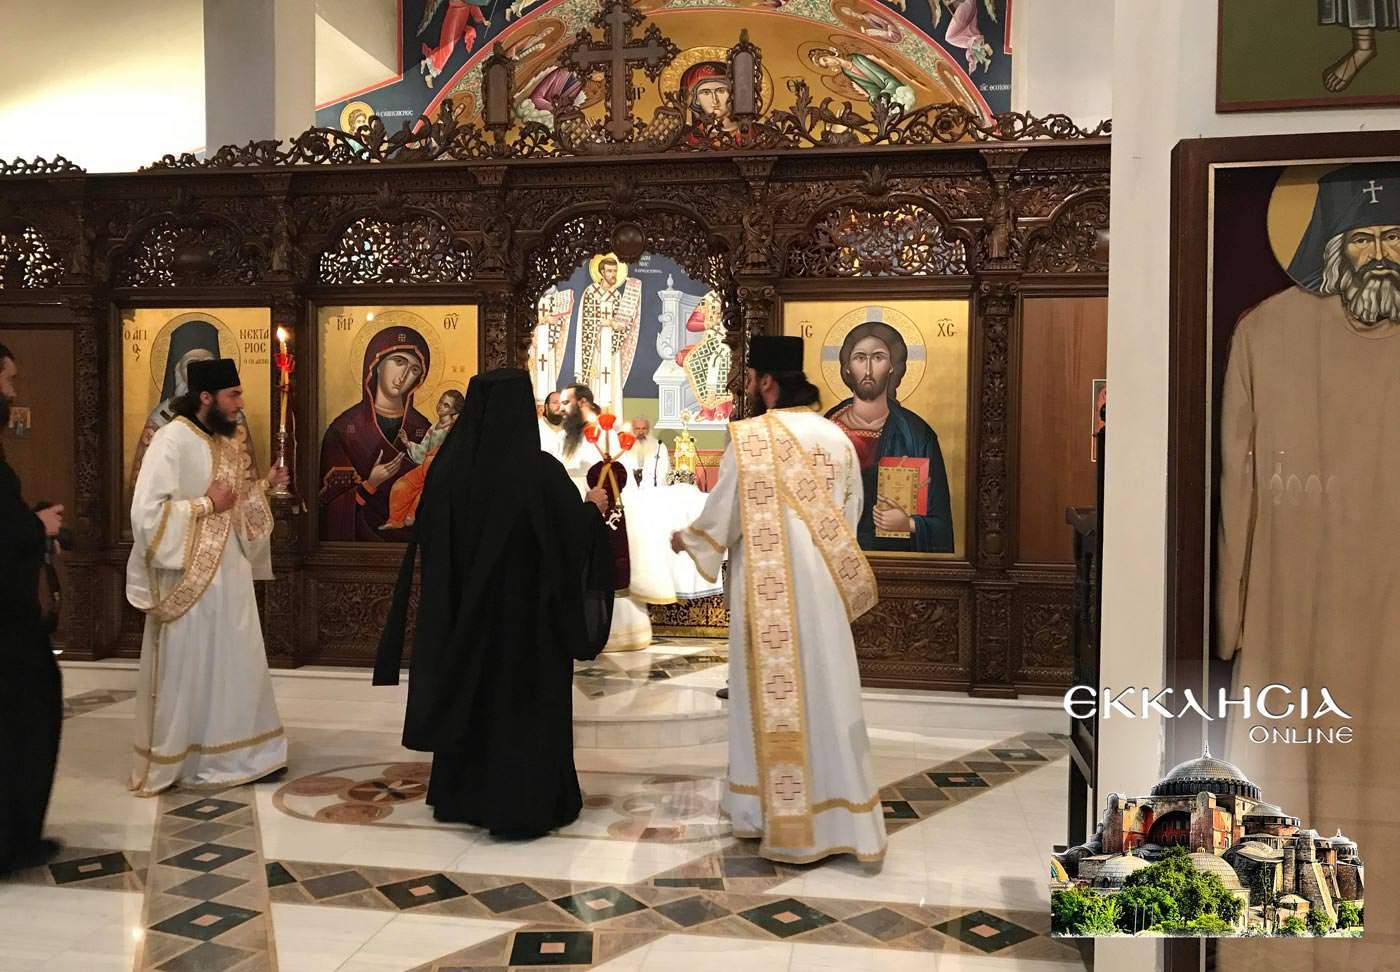 Ιερά Μονή Αγίου Φανουρίου Φωκίδα 2019